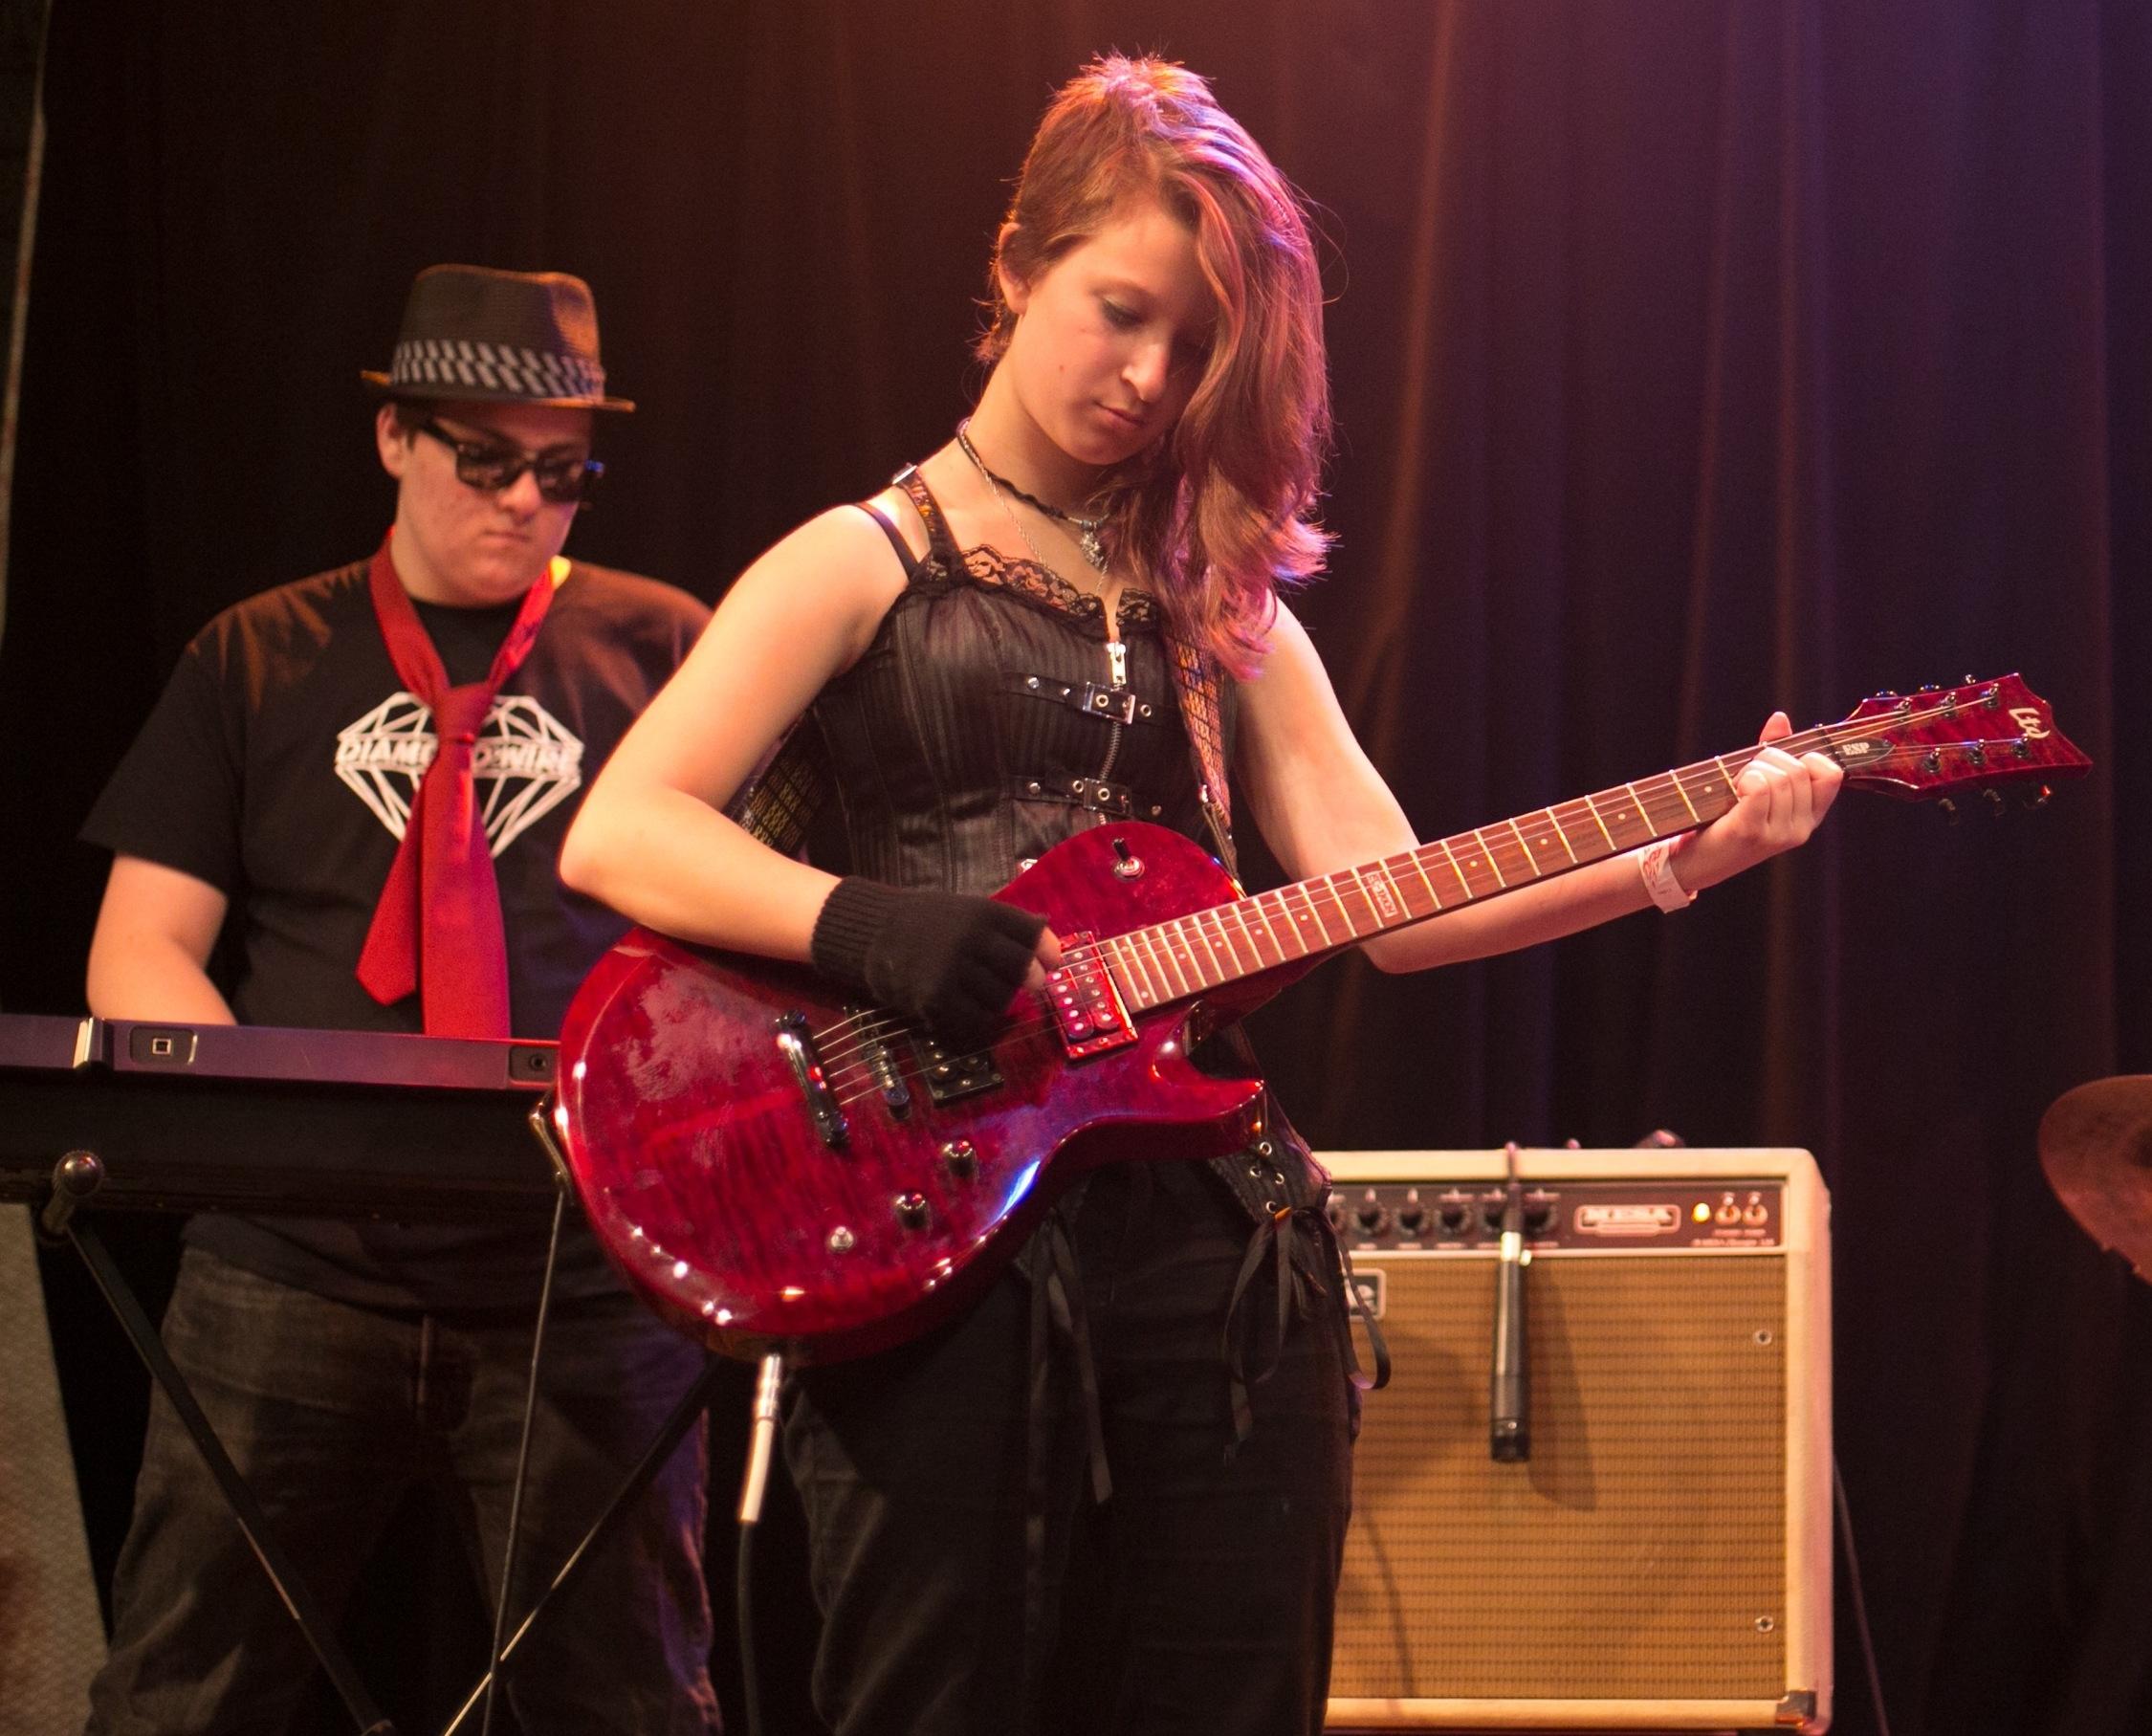 Amaya on guitar & Liam on keys 10.24.16